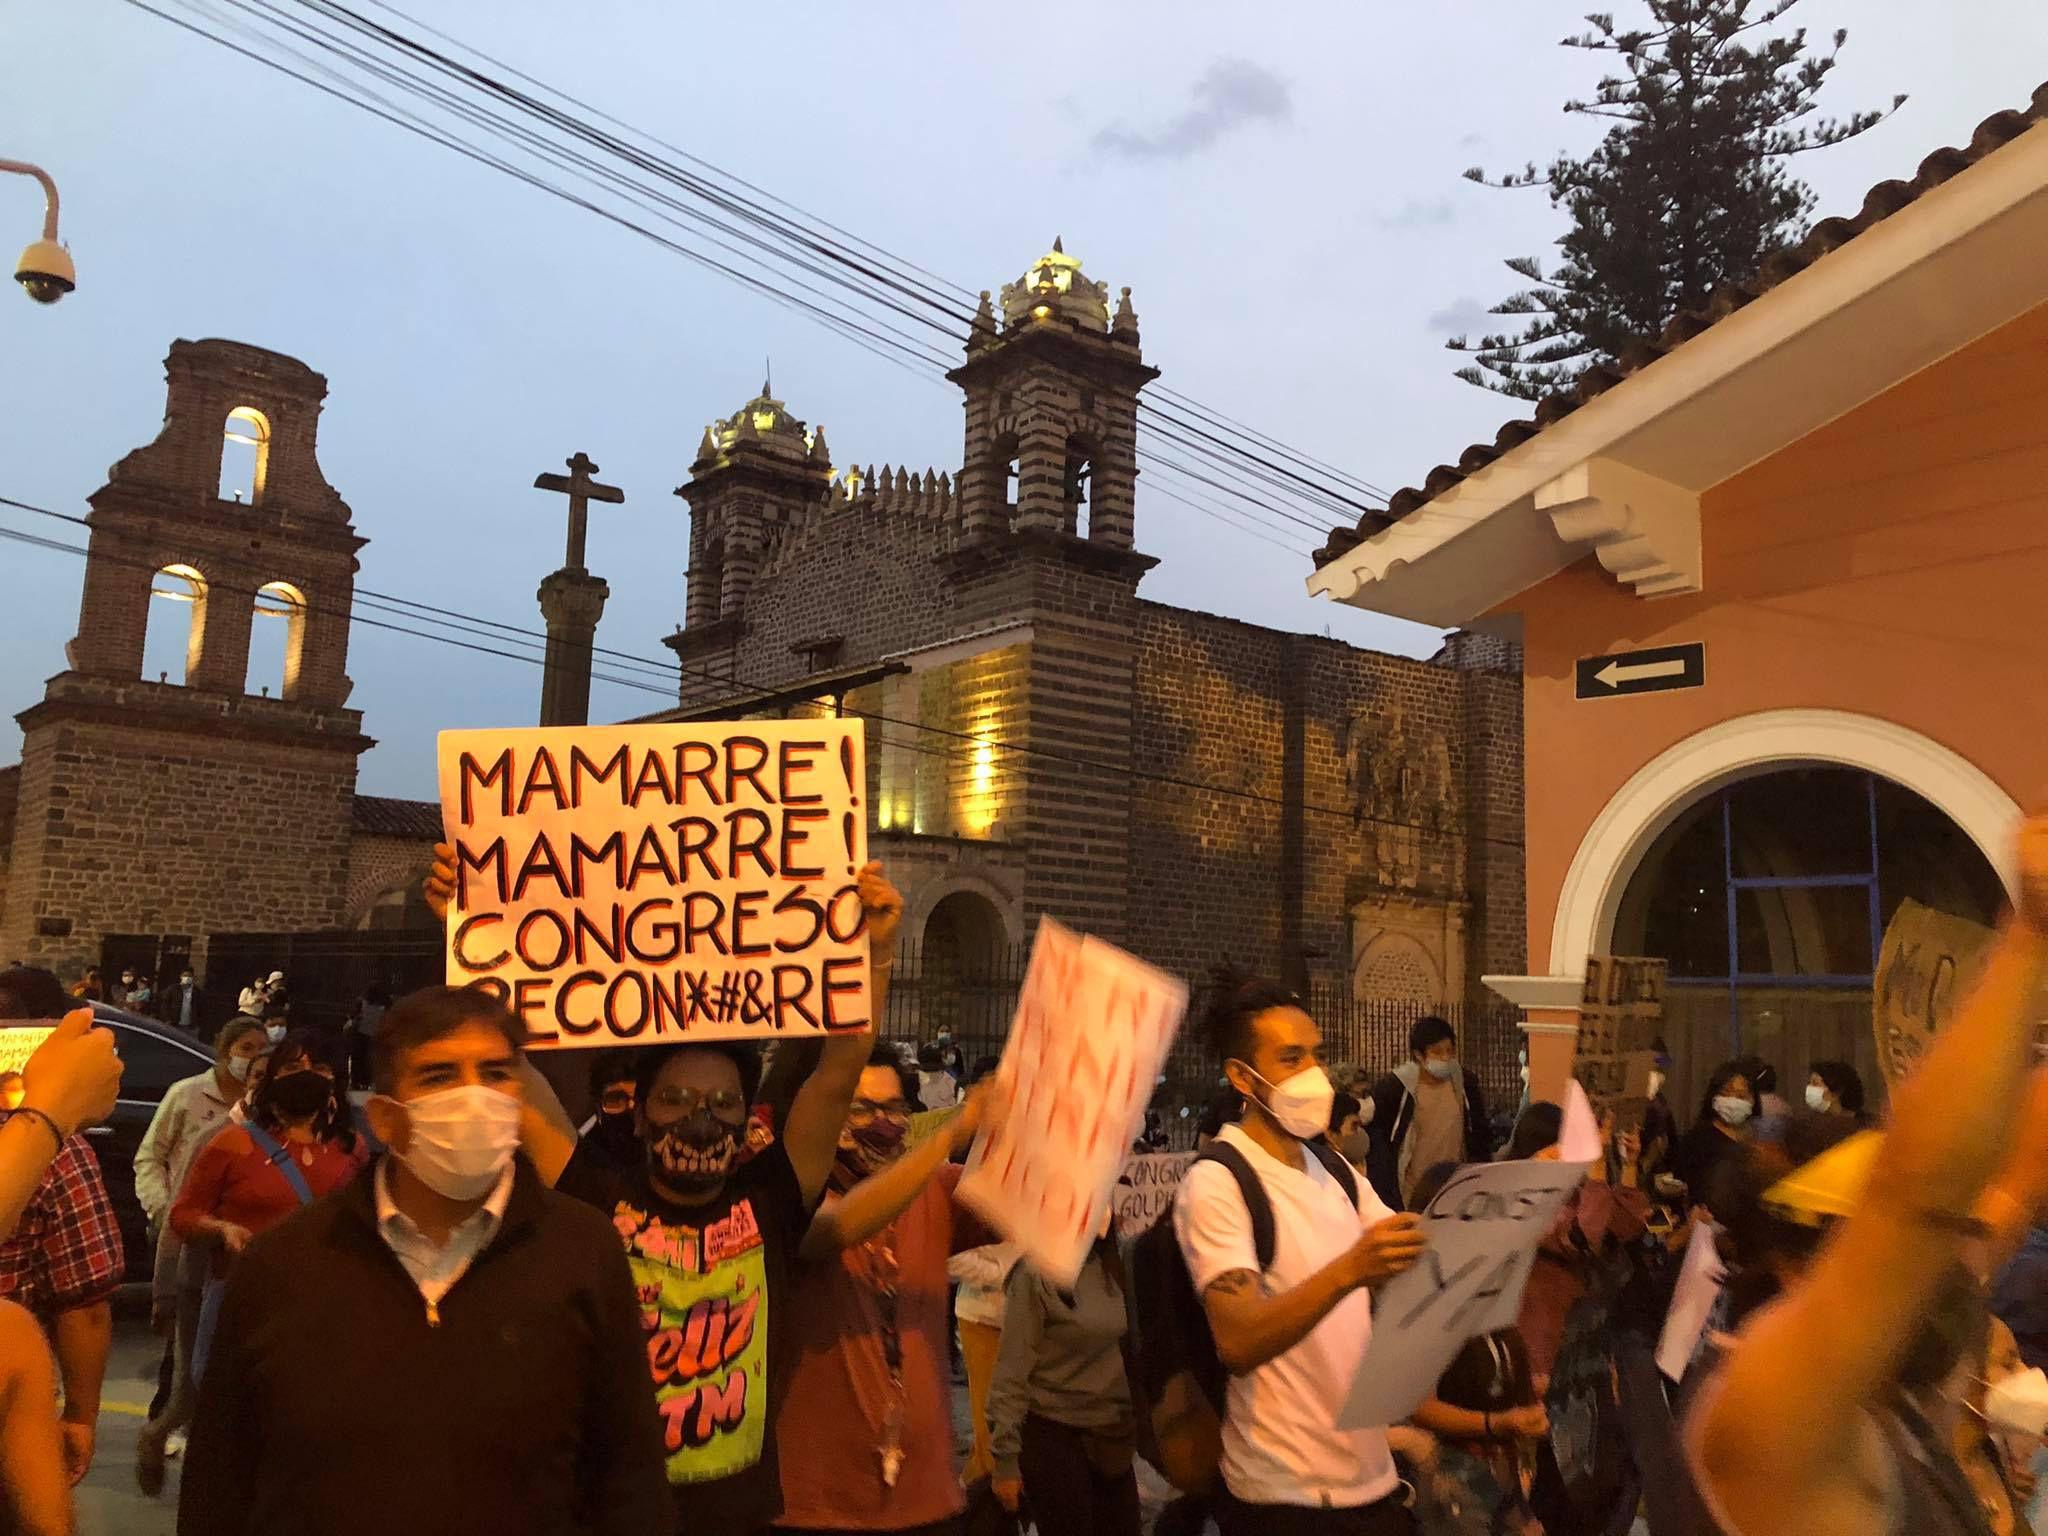 Ayacucho exige la renuncia de Manuel Merino de Lama tras protestas - AP  Noticias Perú